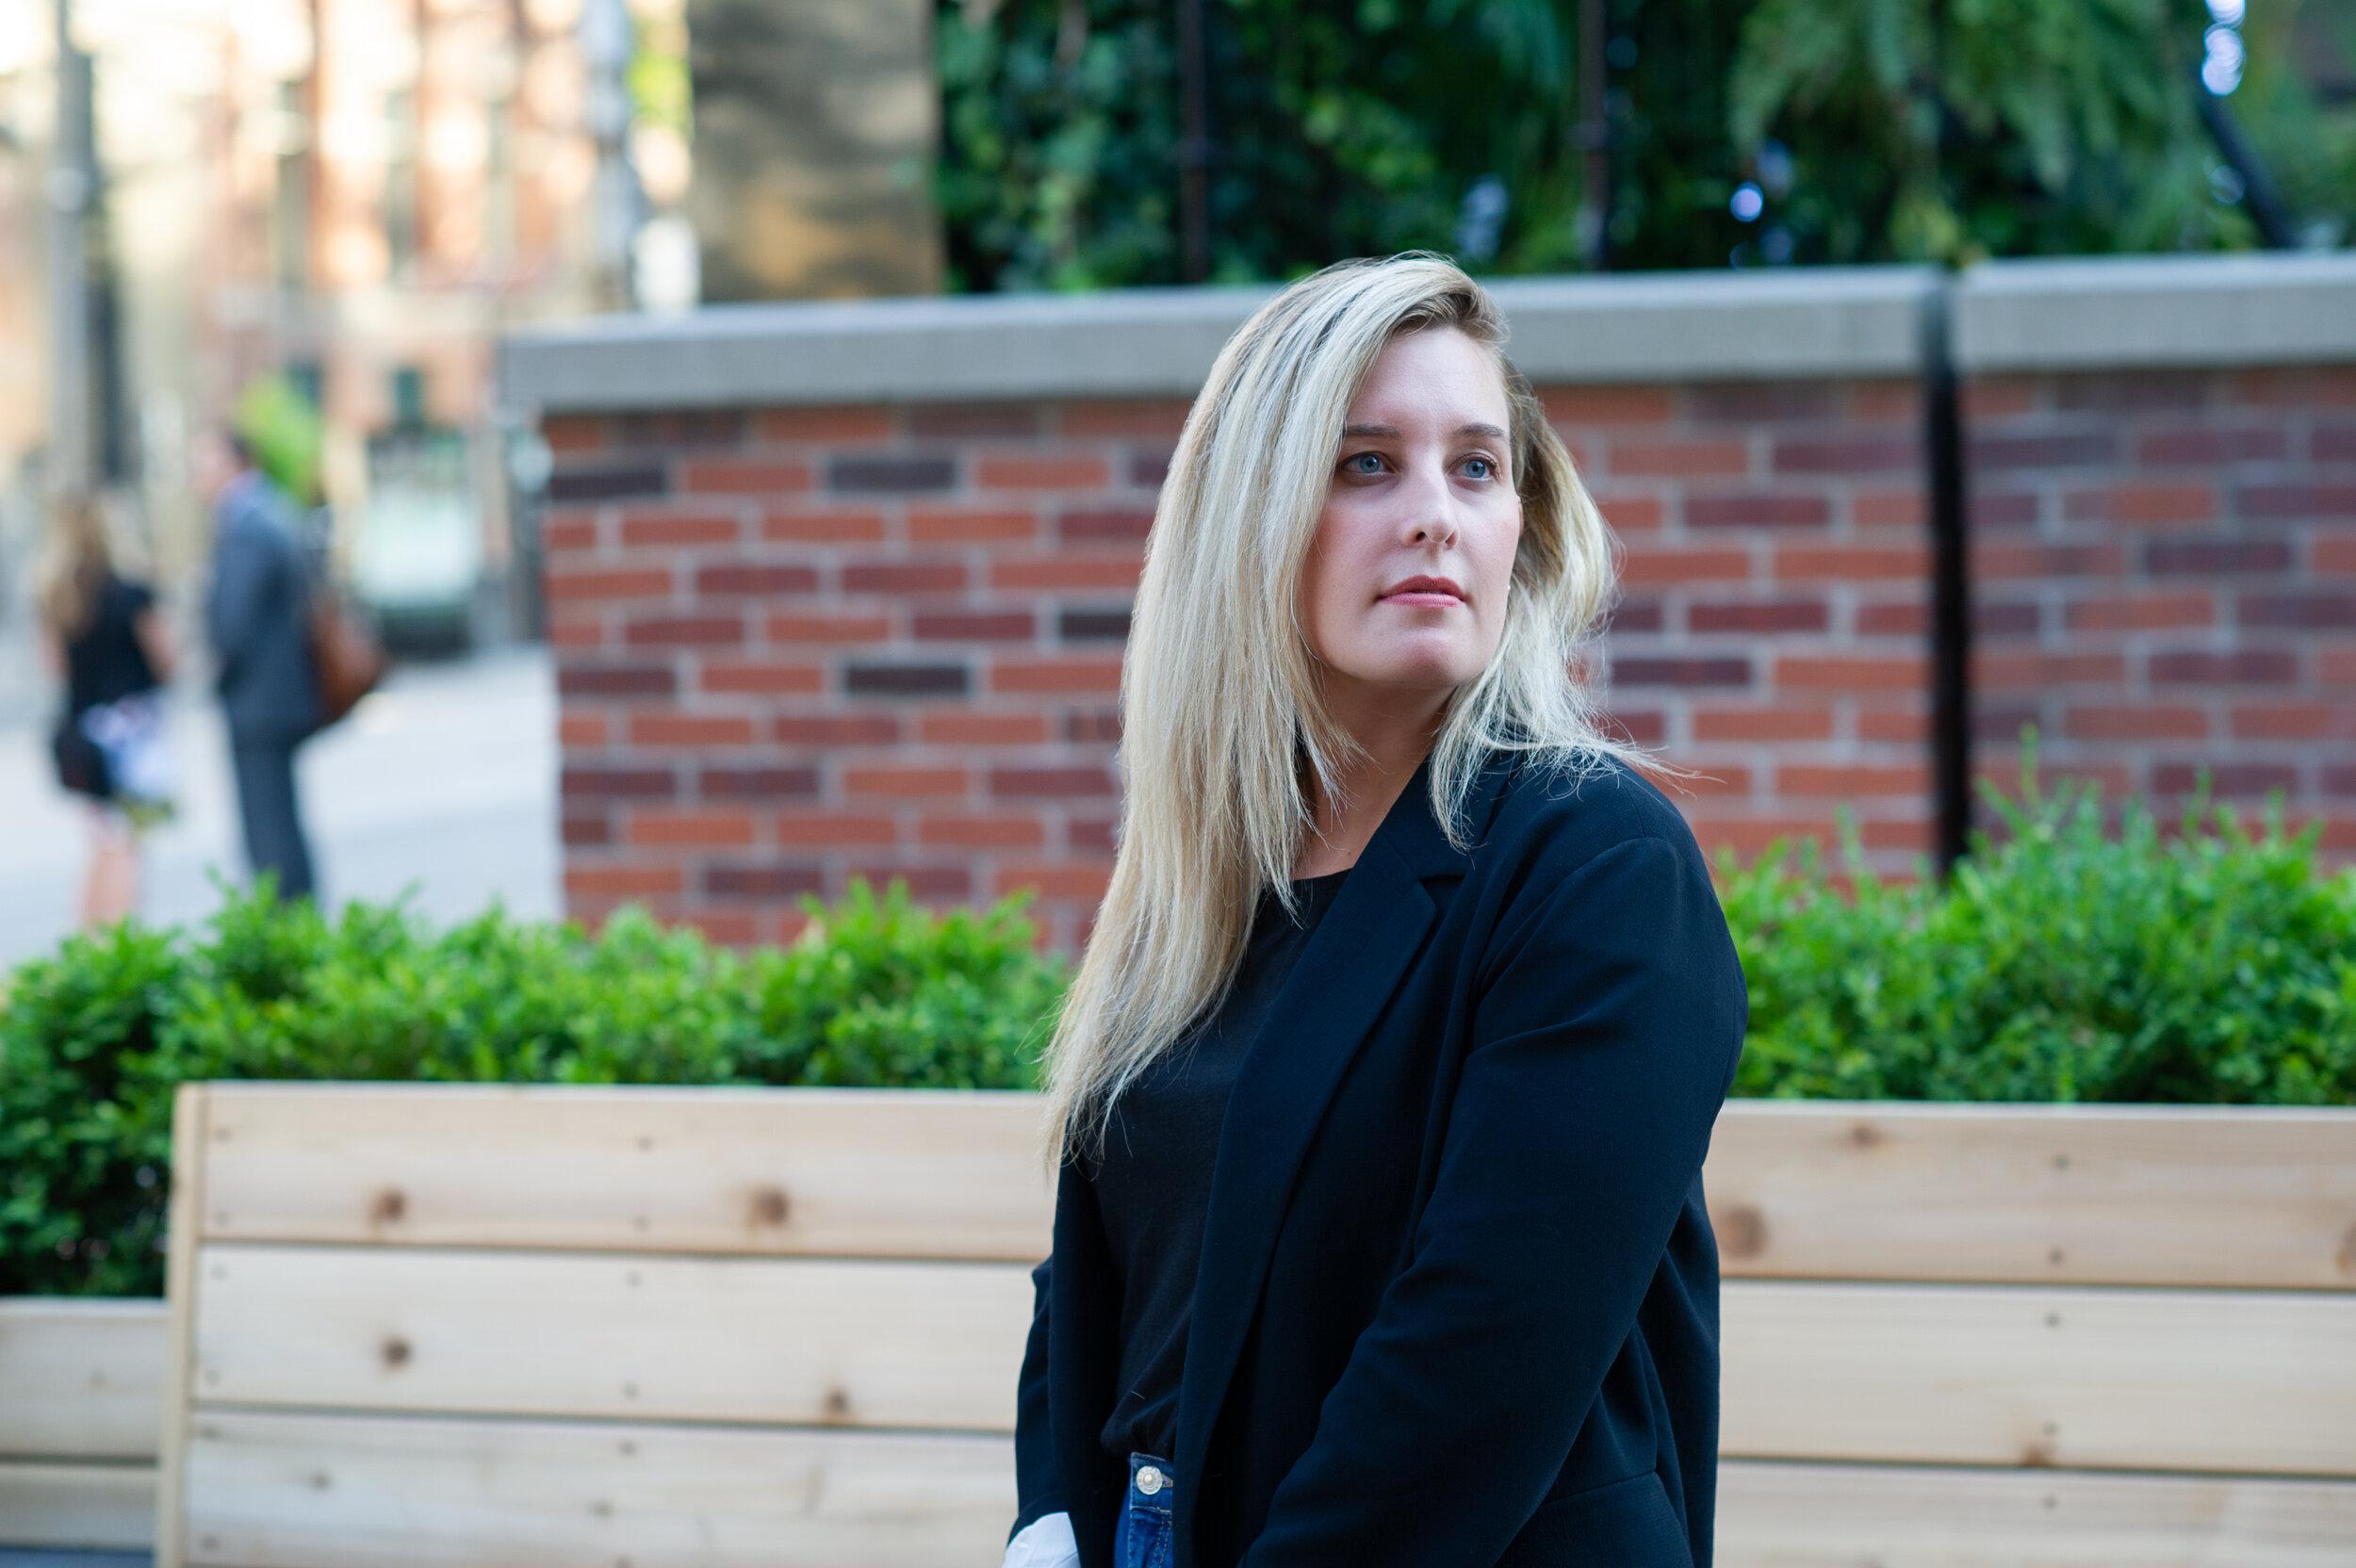 Jennifer Esposito - superkülOAA, M.Arch II, M.Arch, B.A.S.